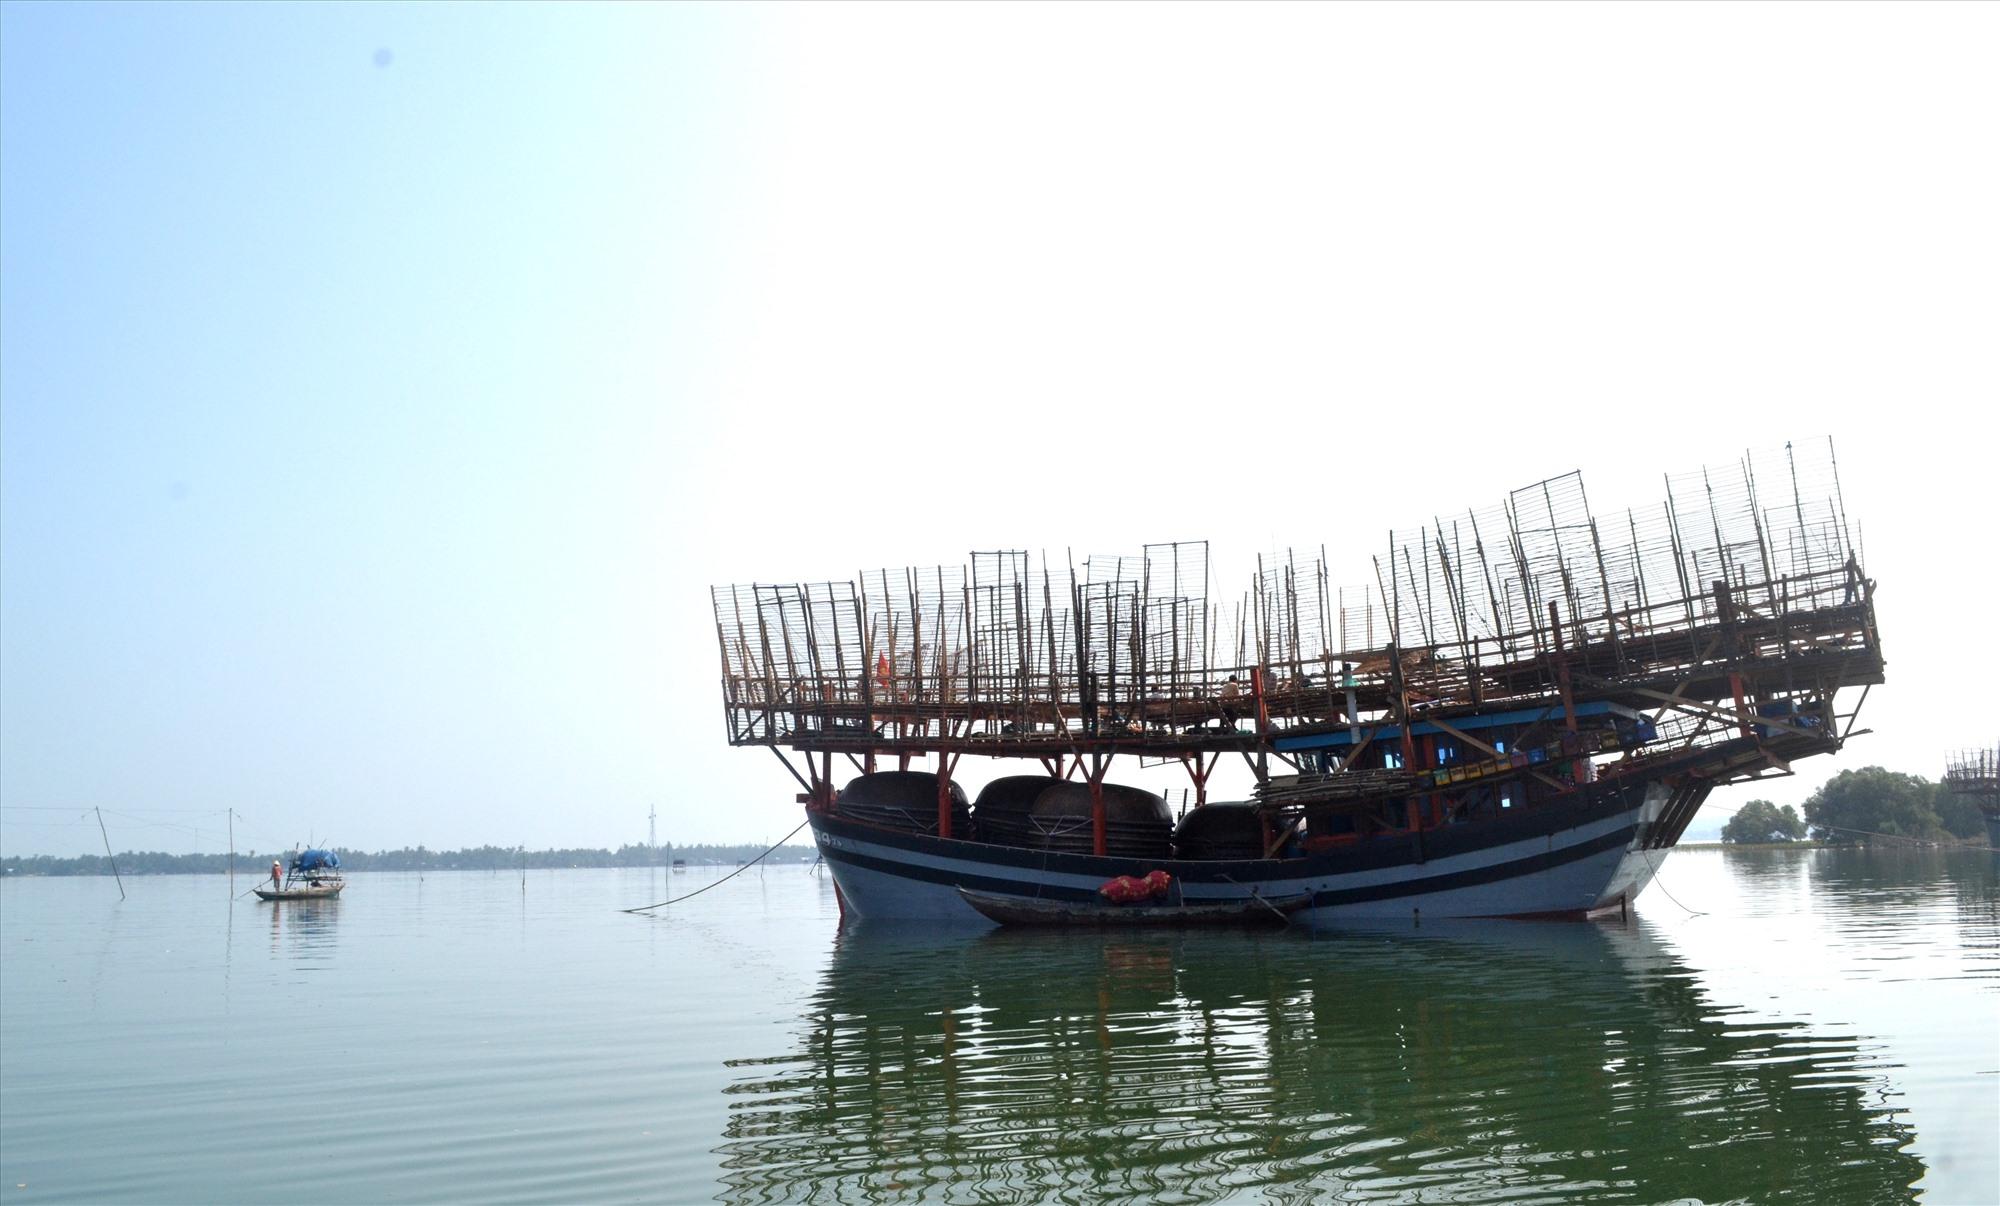 Nghề câu mực khơi có nhiều tàu cá ngắt kết nối thiết bị GSHT khi đang sản xuất ở các vùng biển xa. Ảnh: VIỆT NGUYỄN